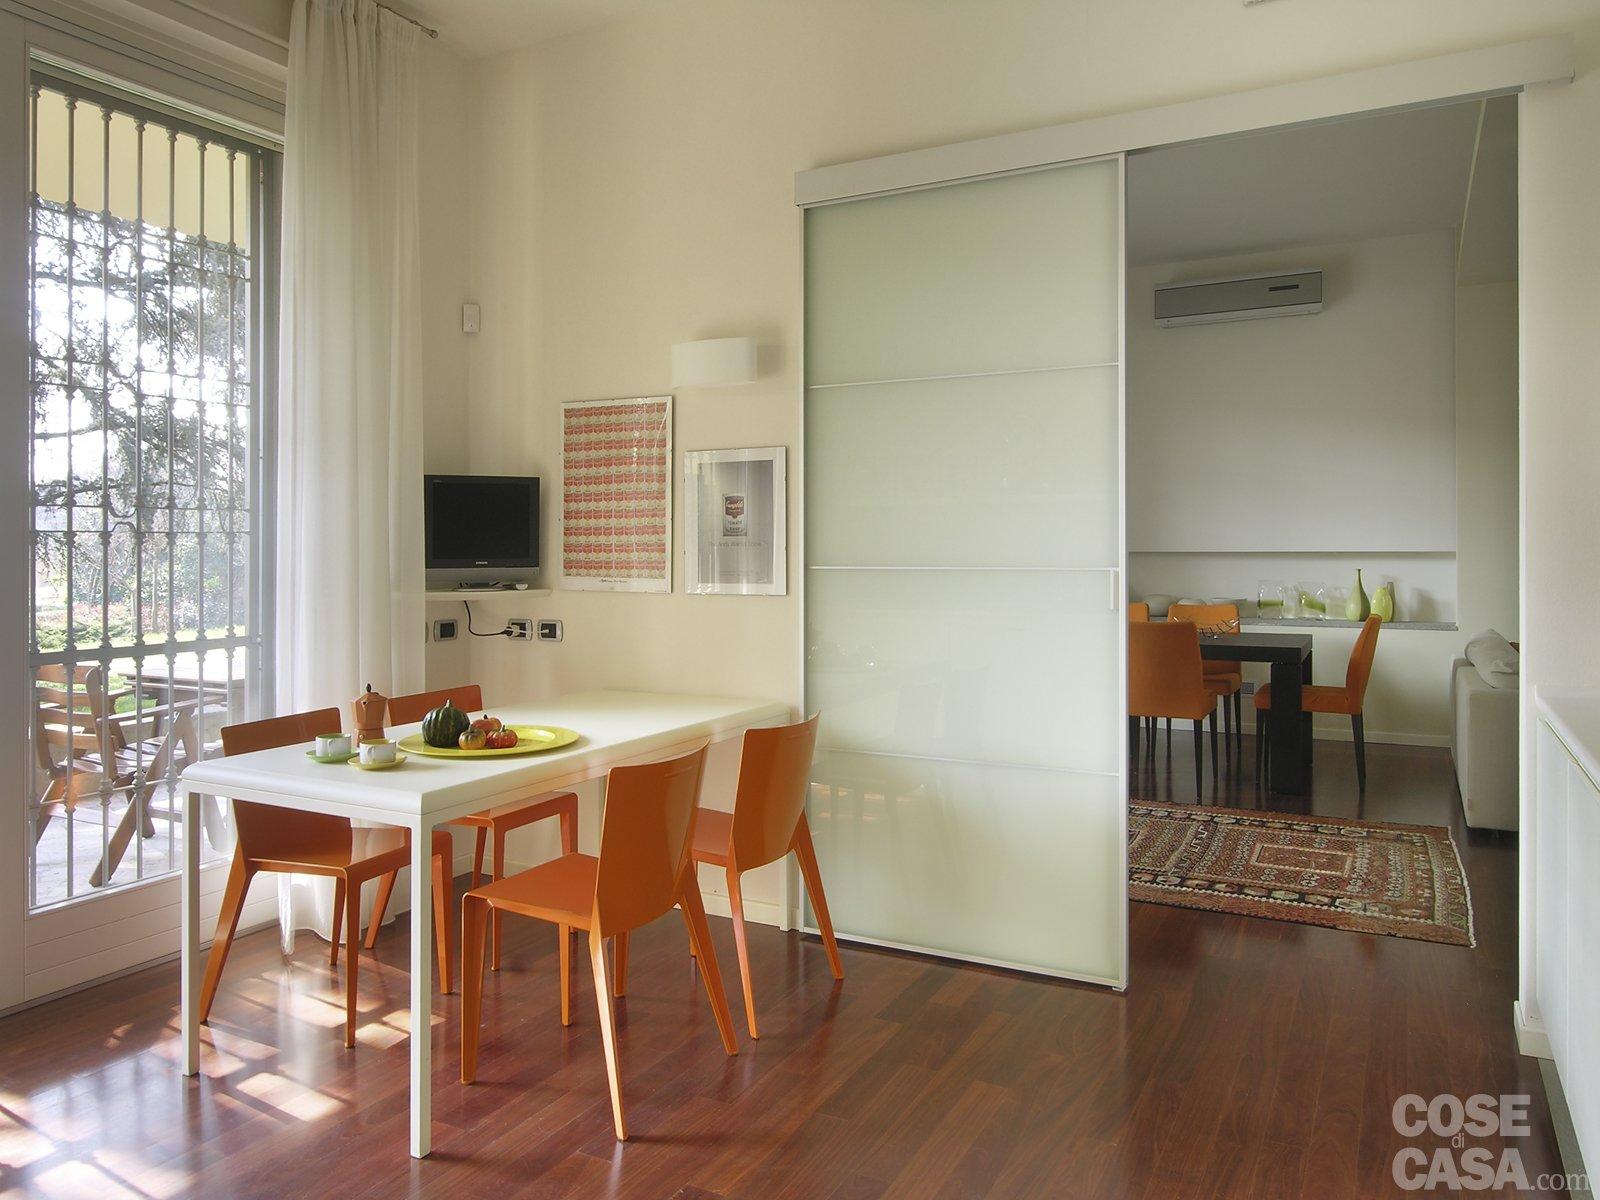 Una casa con tante idee da copiare cose di casa for Immagini per pareti interne